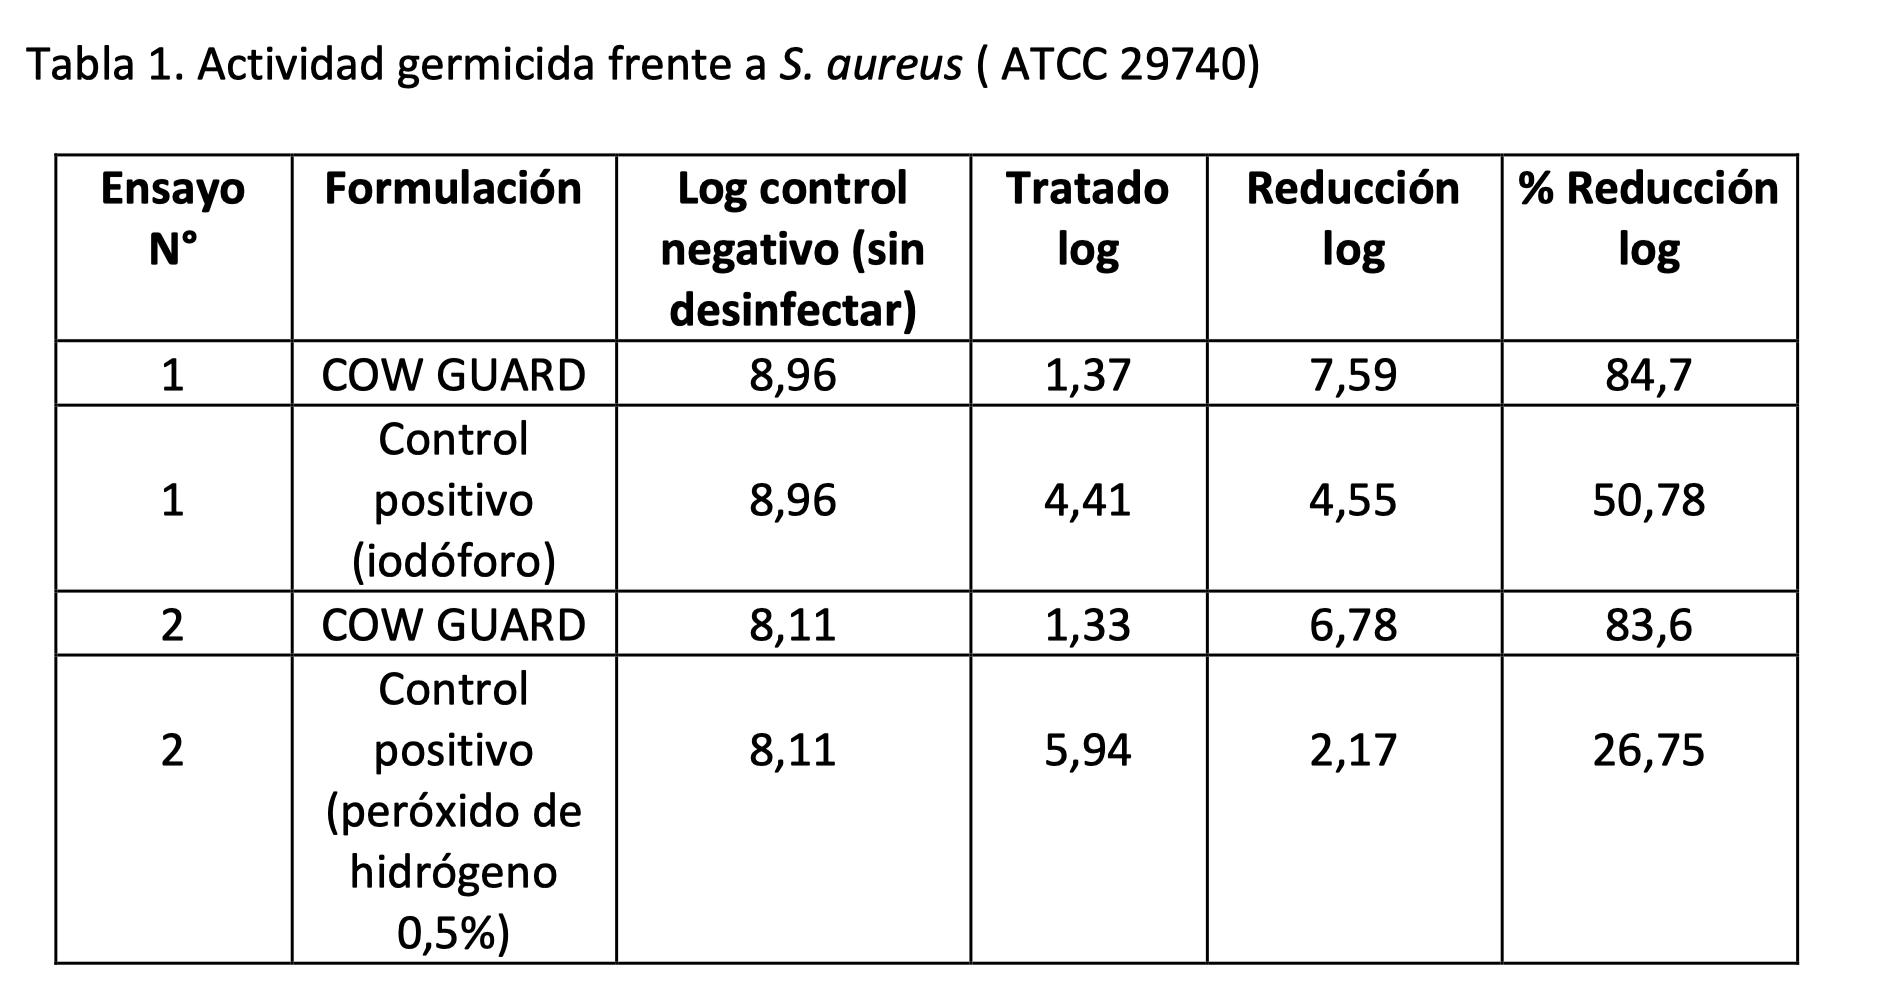 Informe sobre evaluación del poder germicida del antiséptico para pezones cow guard 3